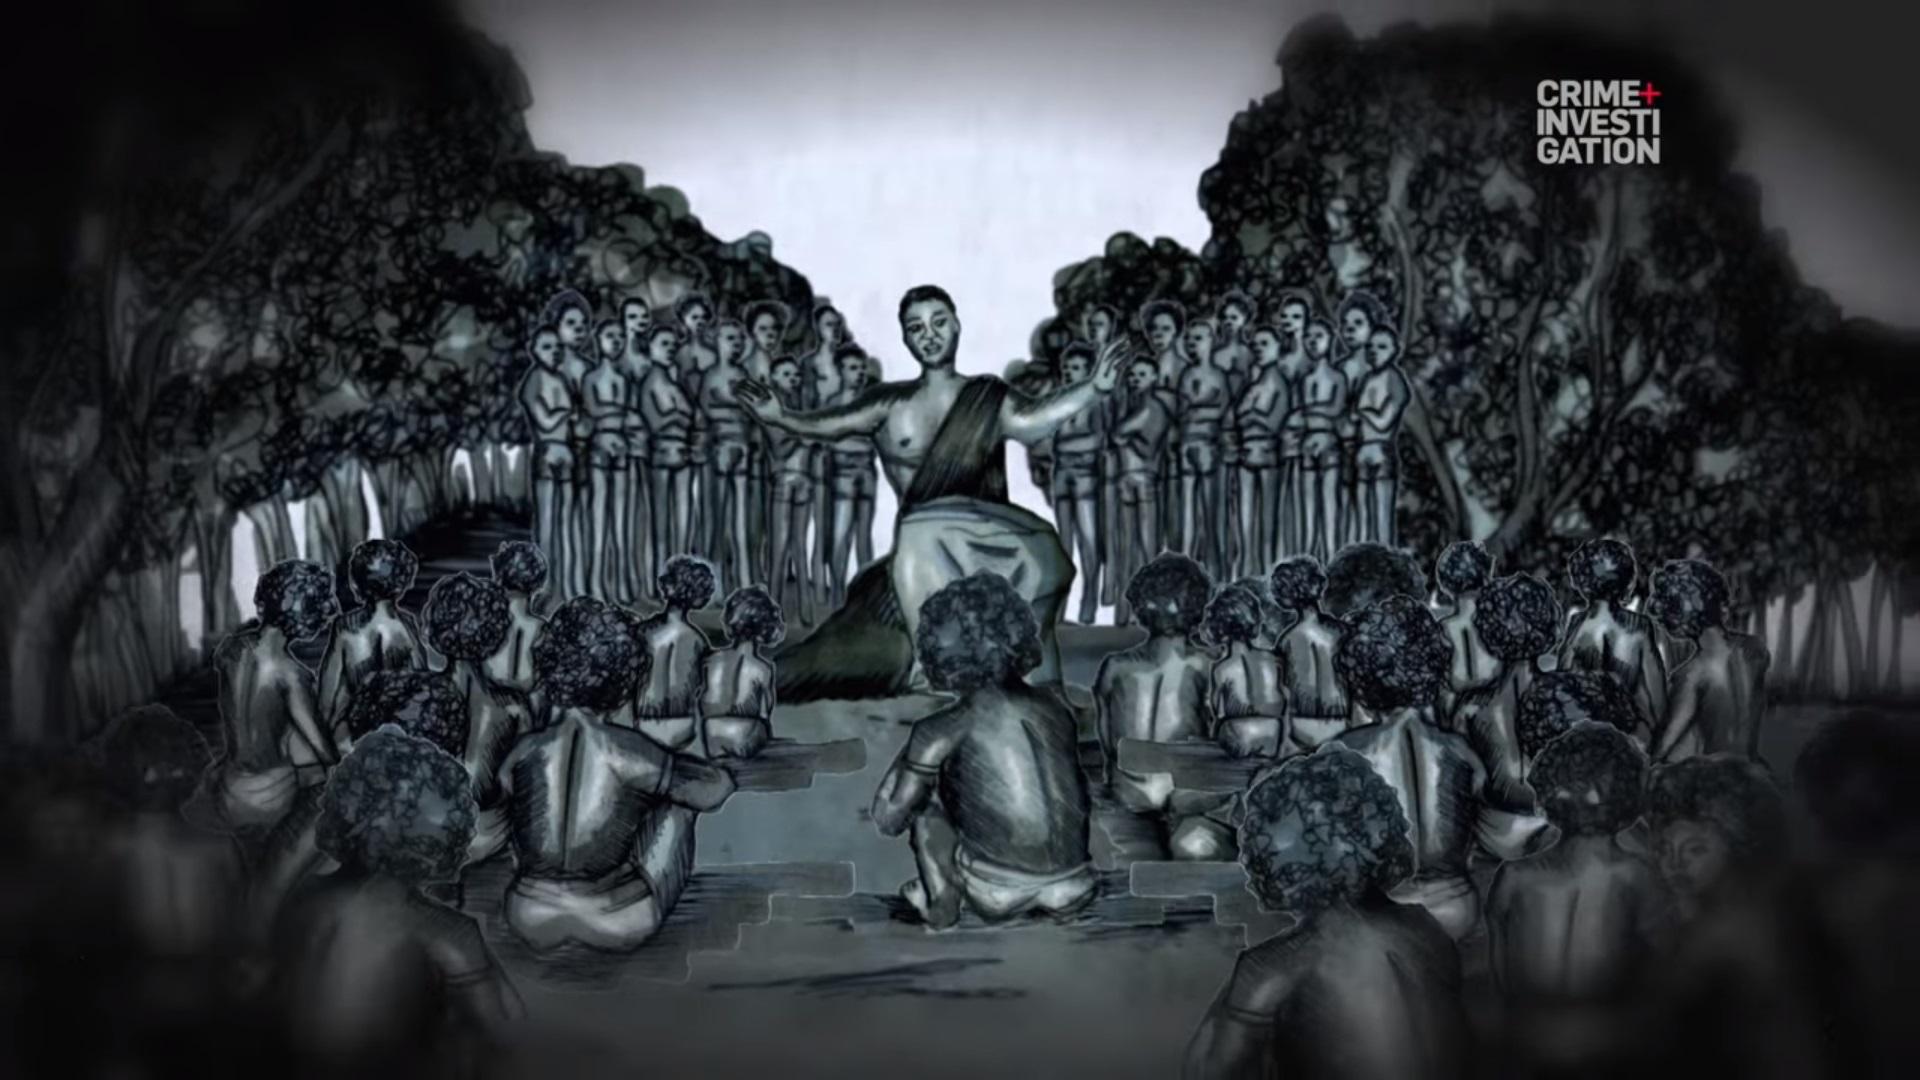 Черный Иисус — папуасский пророк-каннибал, который устроил Far Cry в реальной жизни. 1563444636196454136